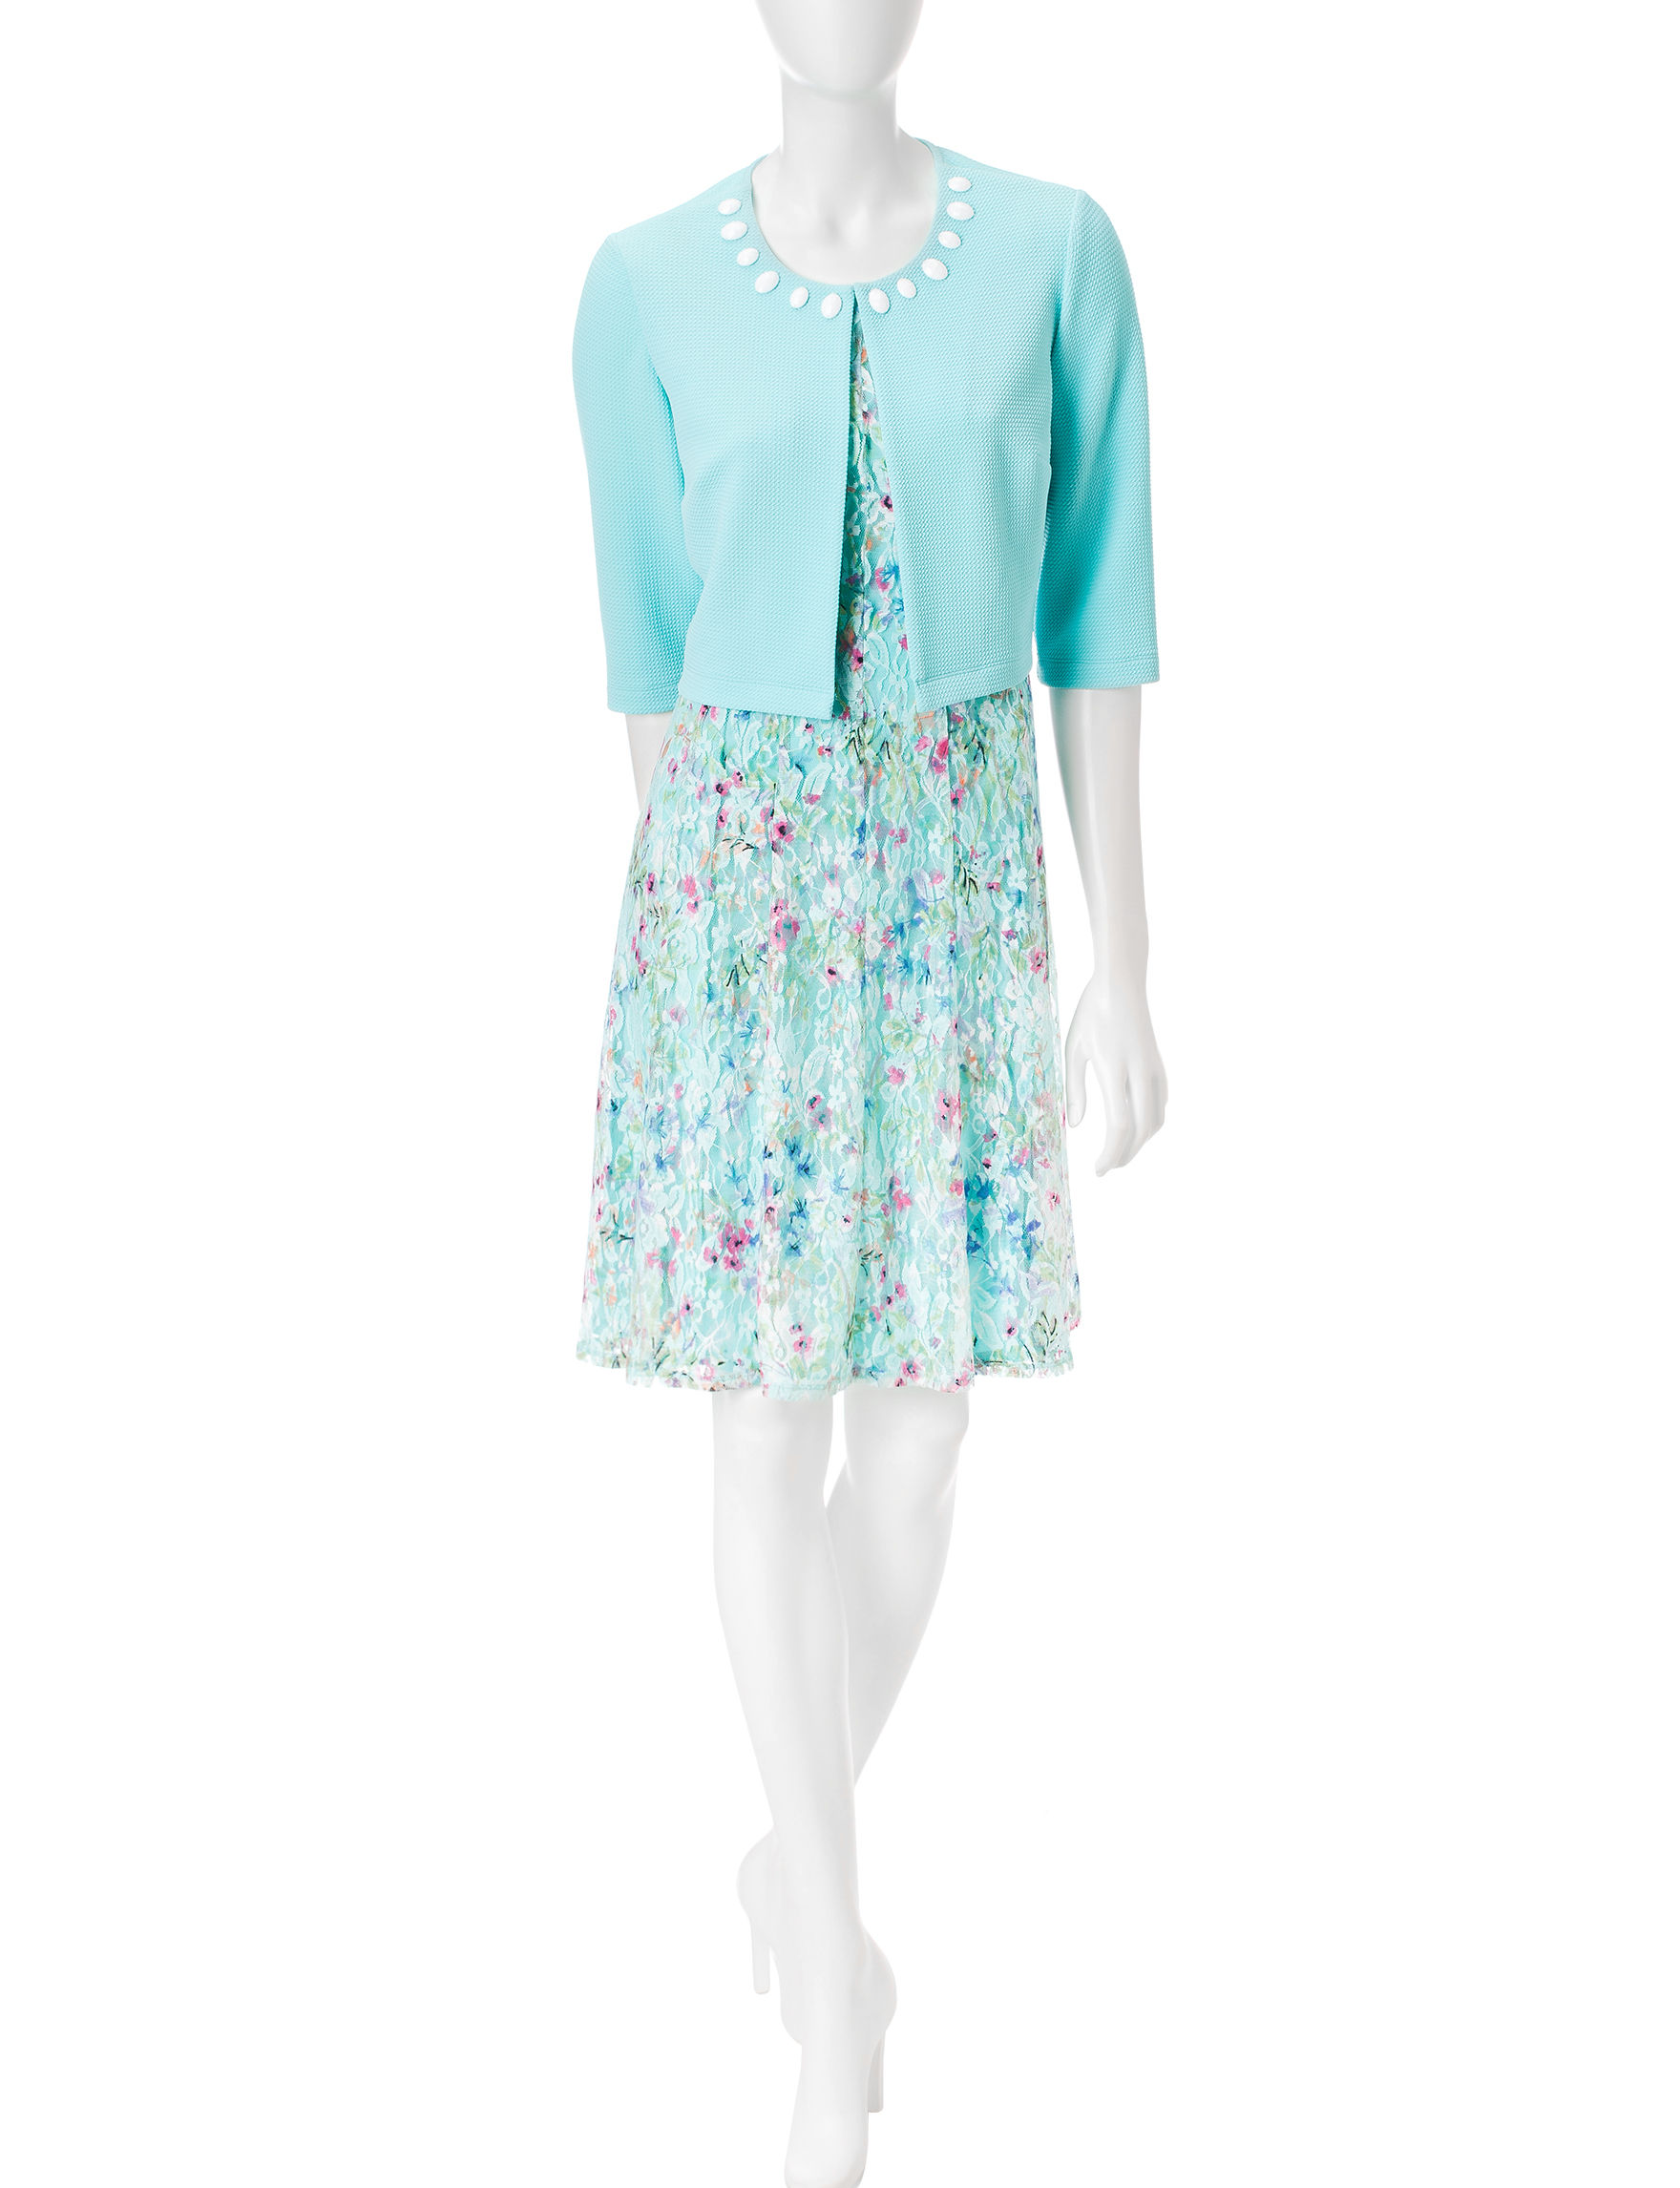 Perceptions Aqua Everyday & Casual Jacket Dresses